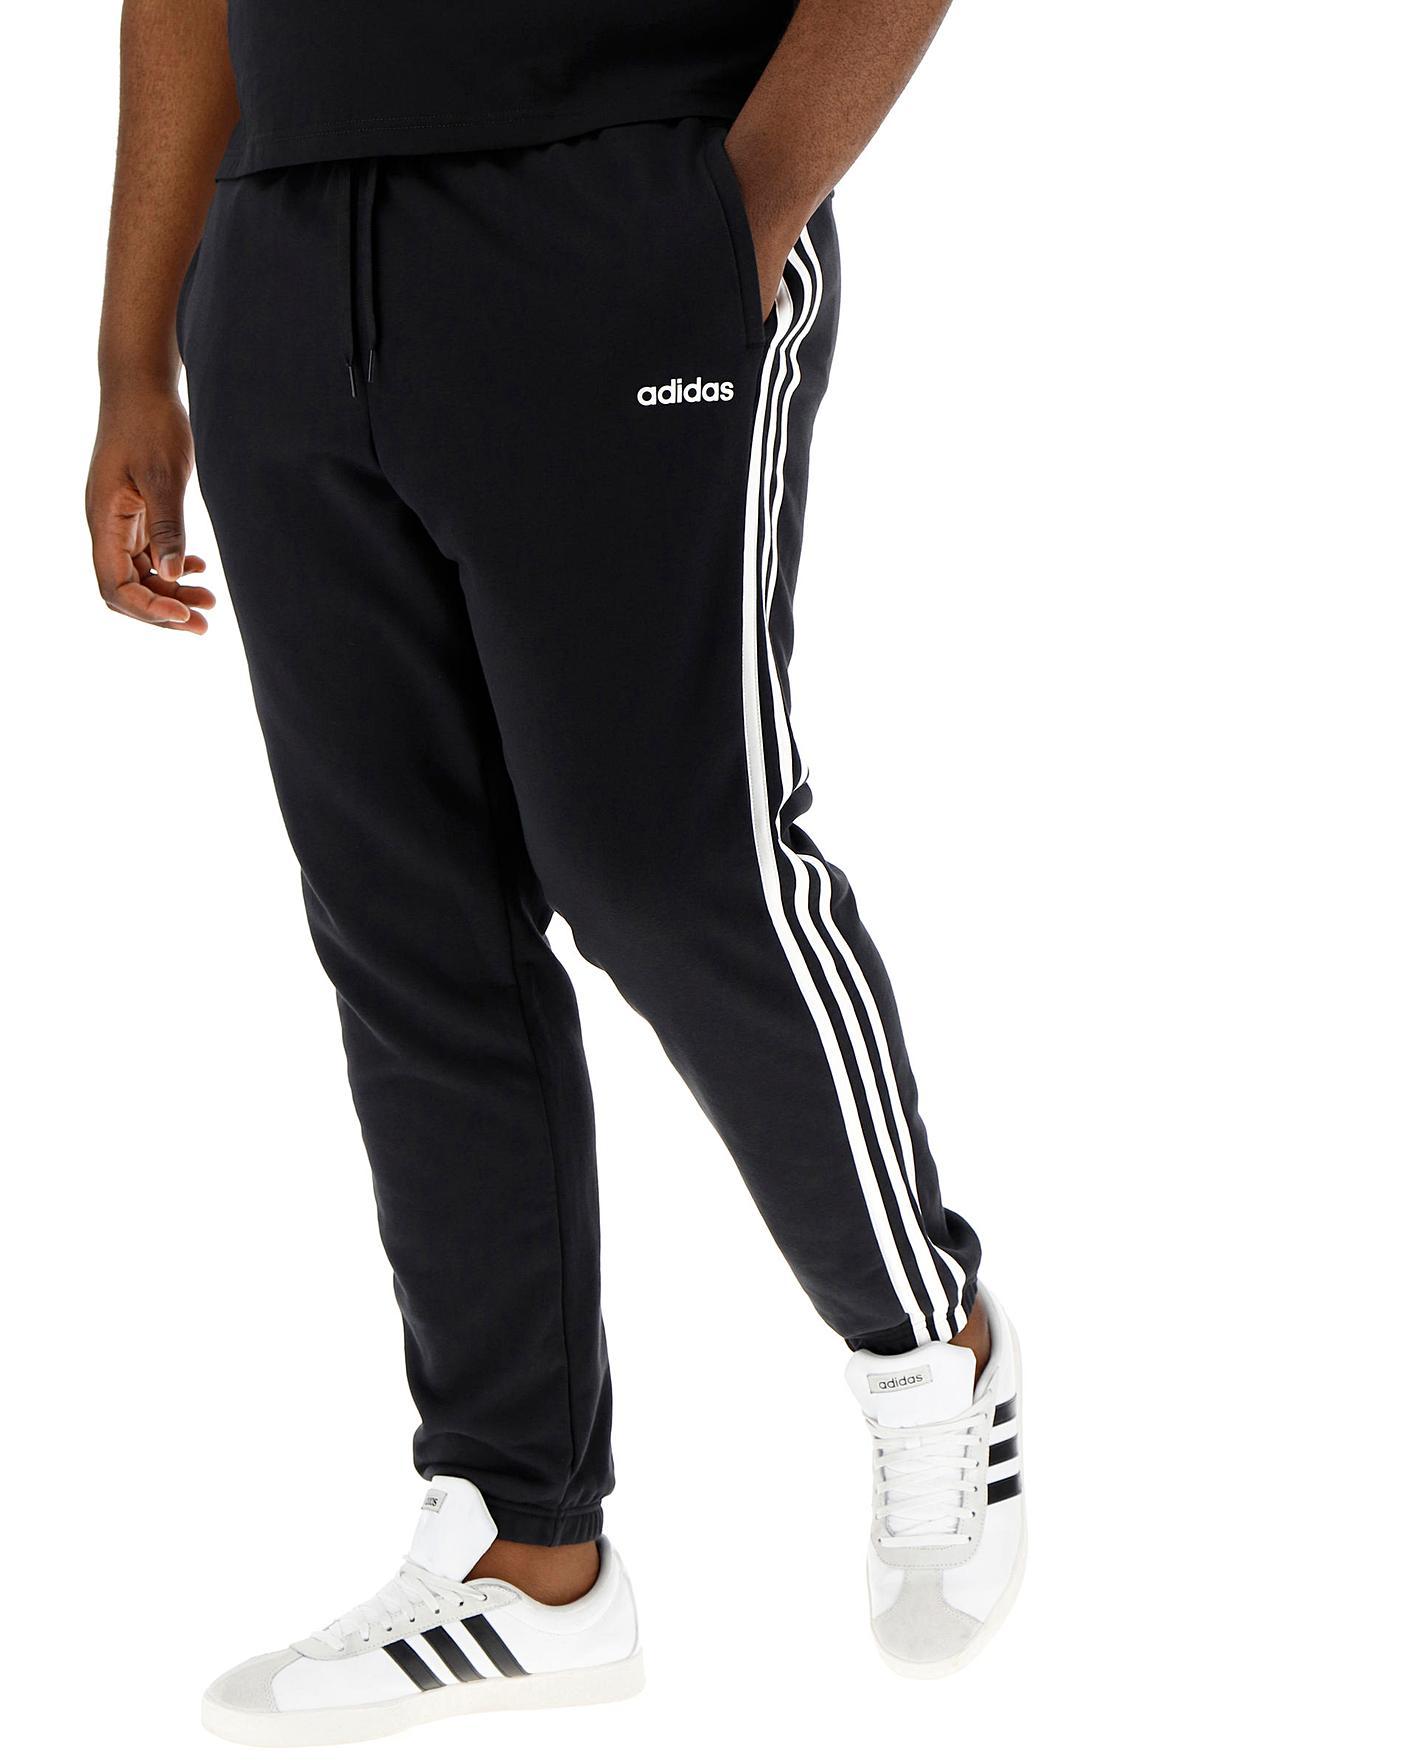 5ae7147b adidas 3 Stripe Pant